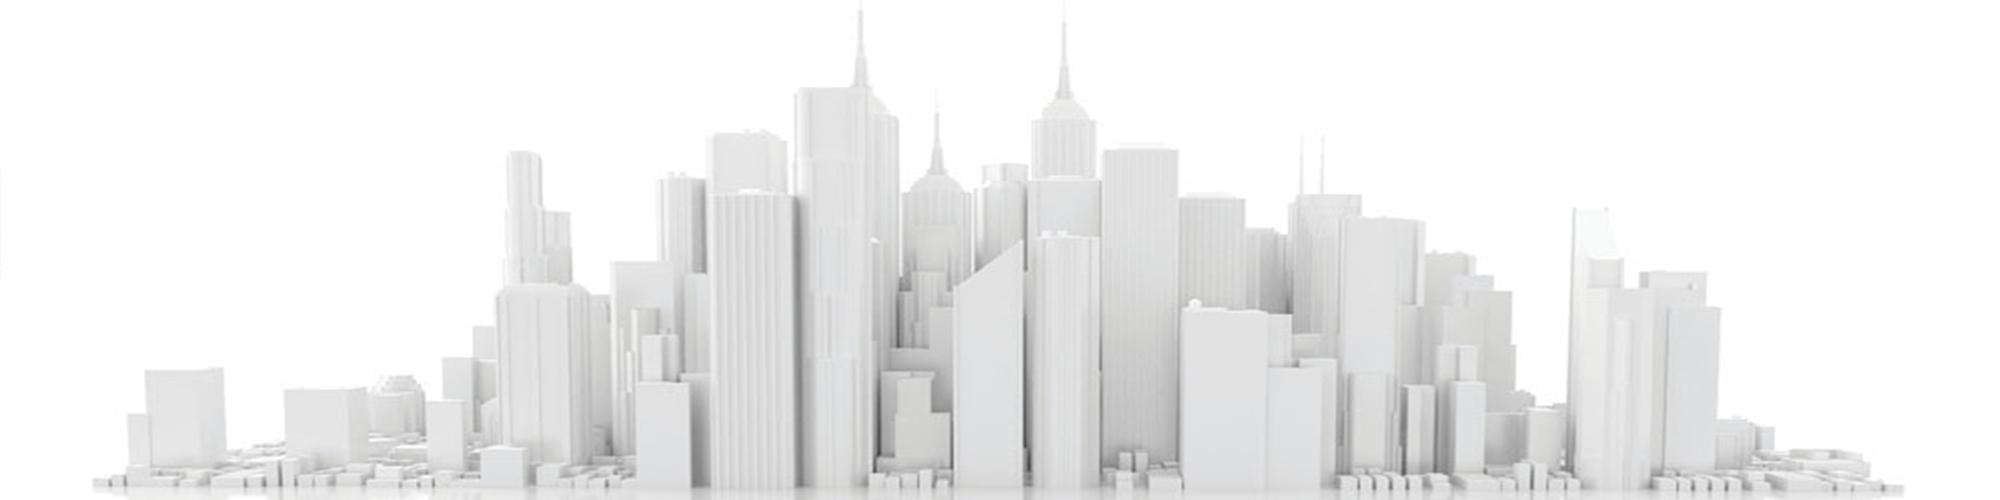 新民市知心脚手架租赁站(www.syzxjsj.cn)主营业务是:租赁脚手架、钢管、钢管架扣件等产品。公司位于沈阳市和平区胜利南街,成立于2008年。